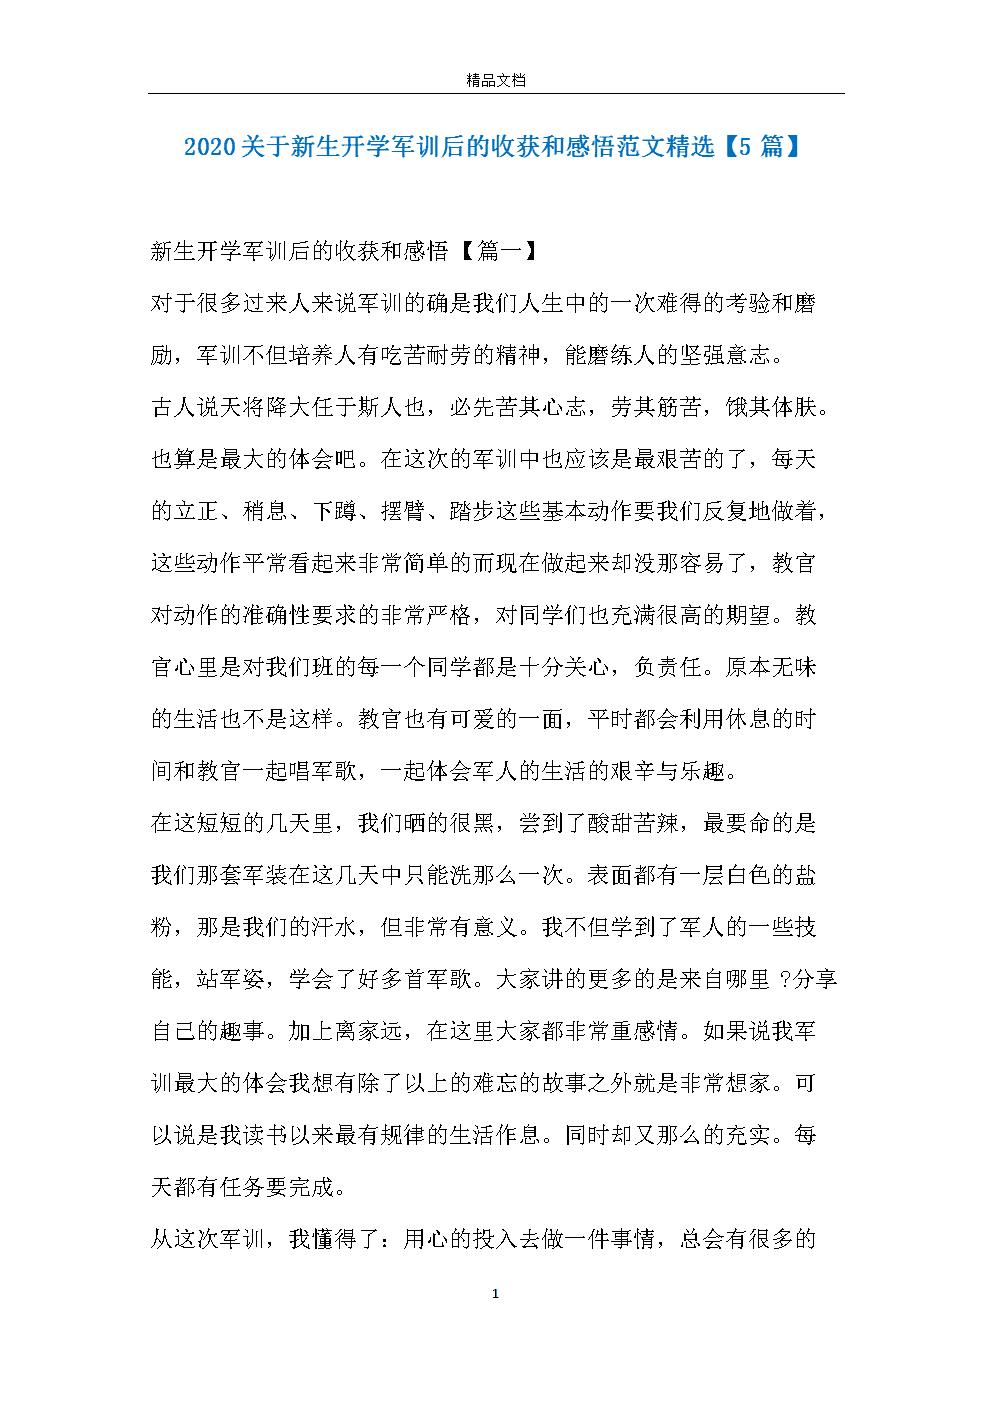 2020关于新生开学军训后的收获和感悟范文精选【5篇】.docx